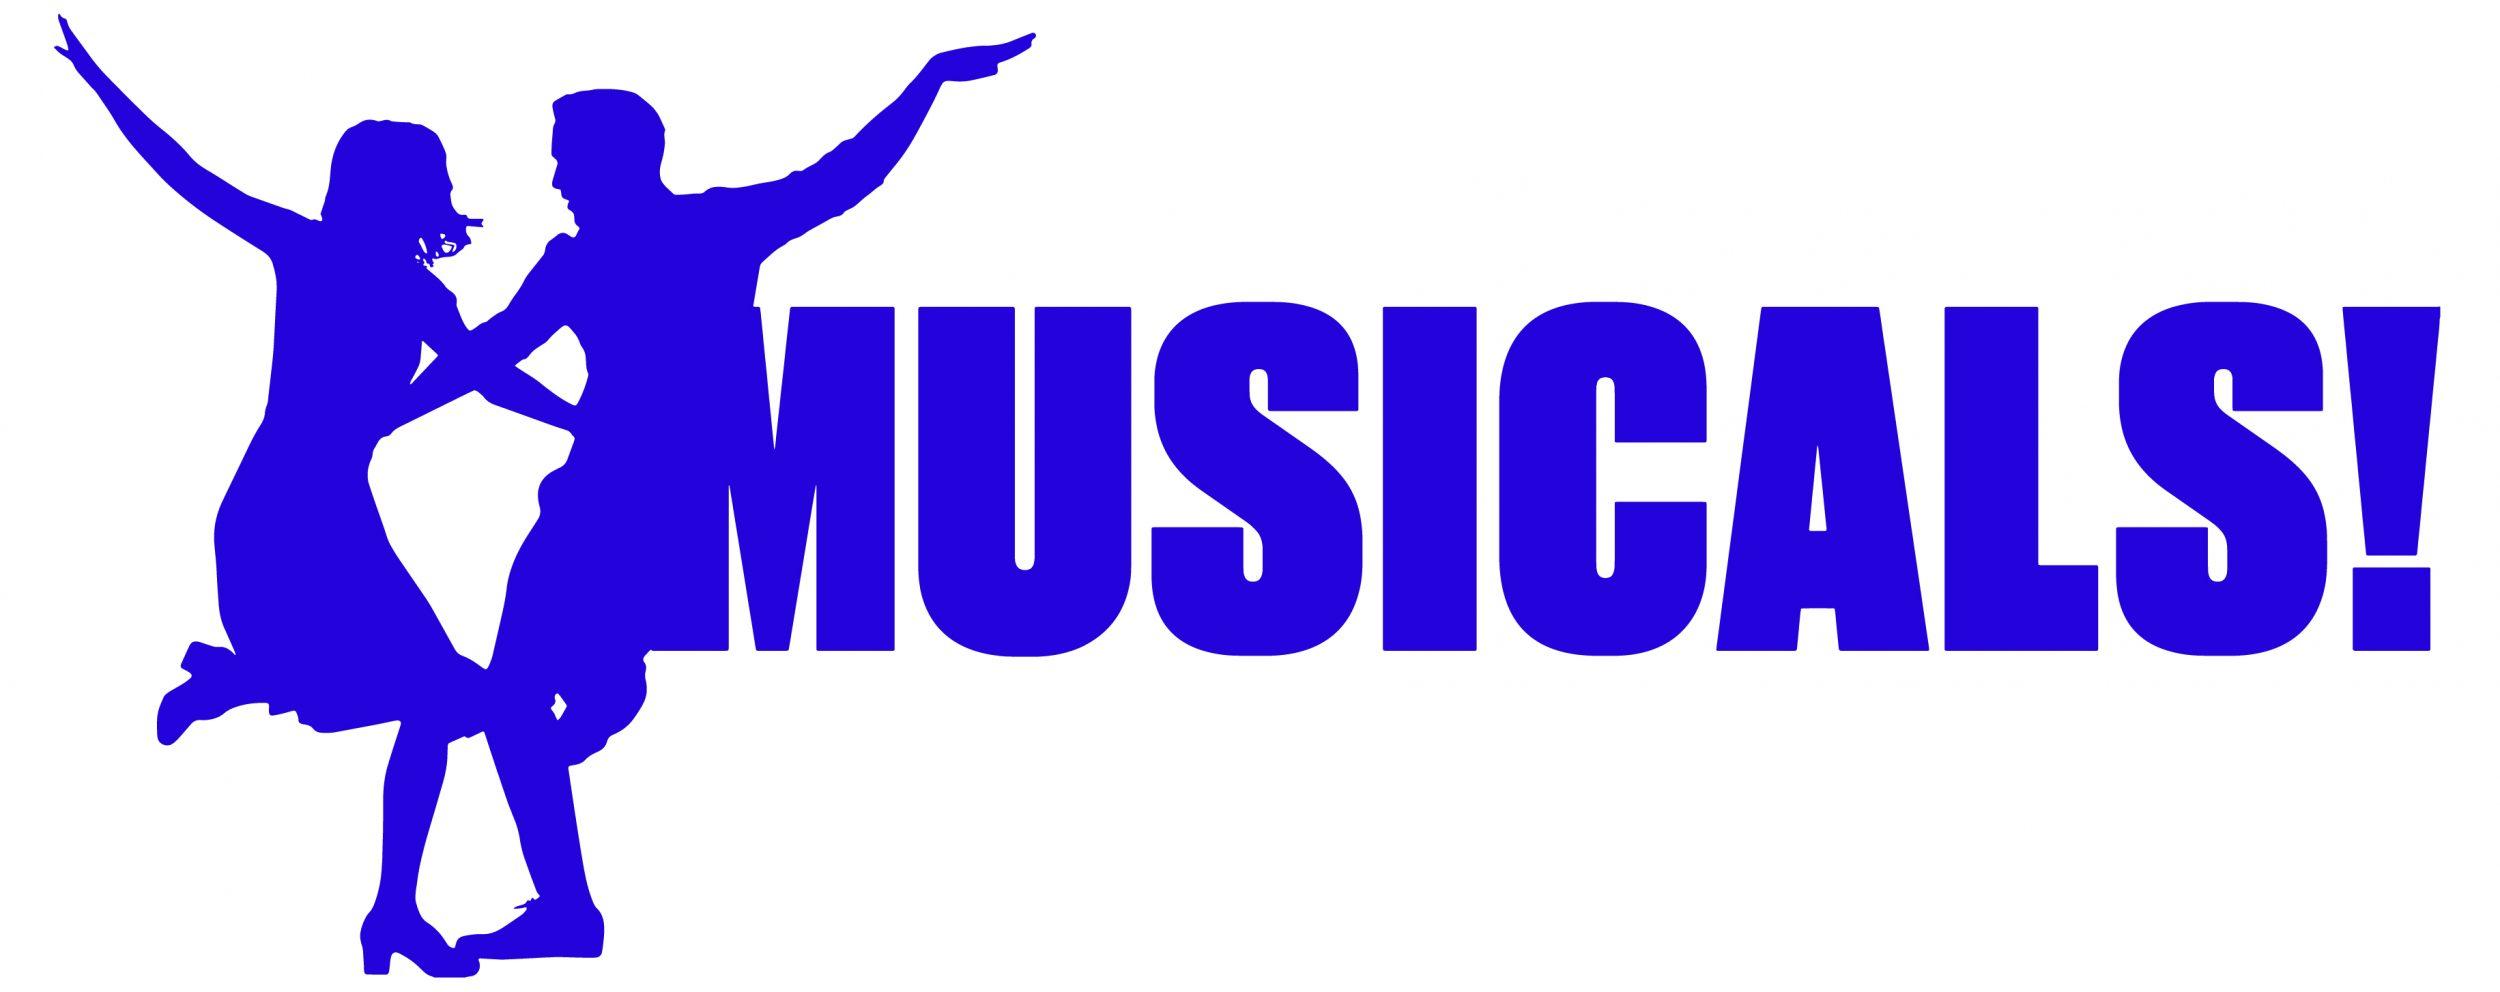 BFI Musicals